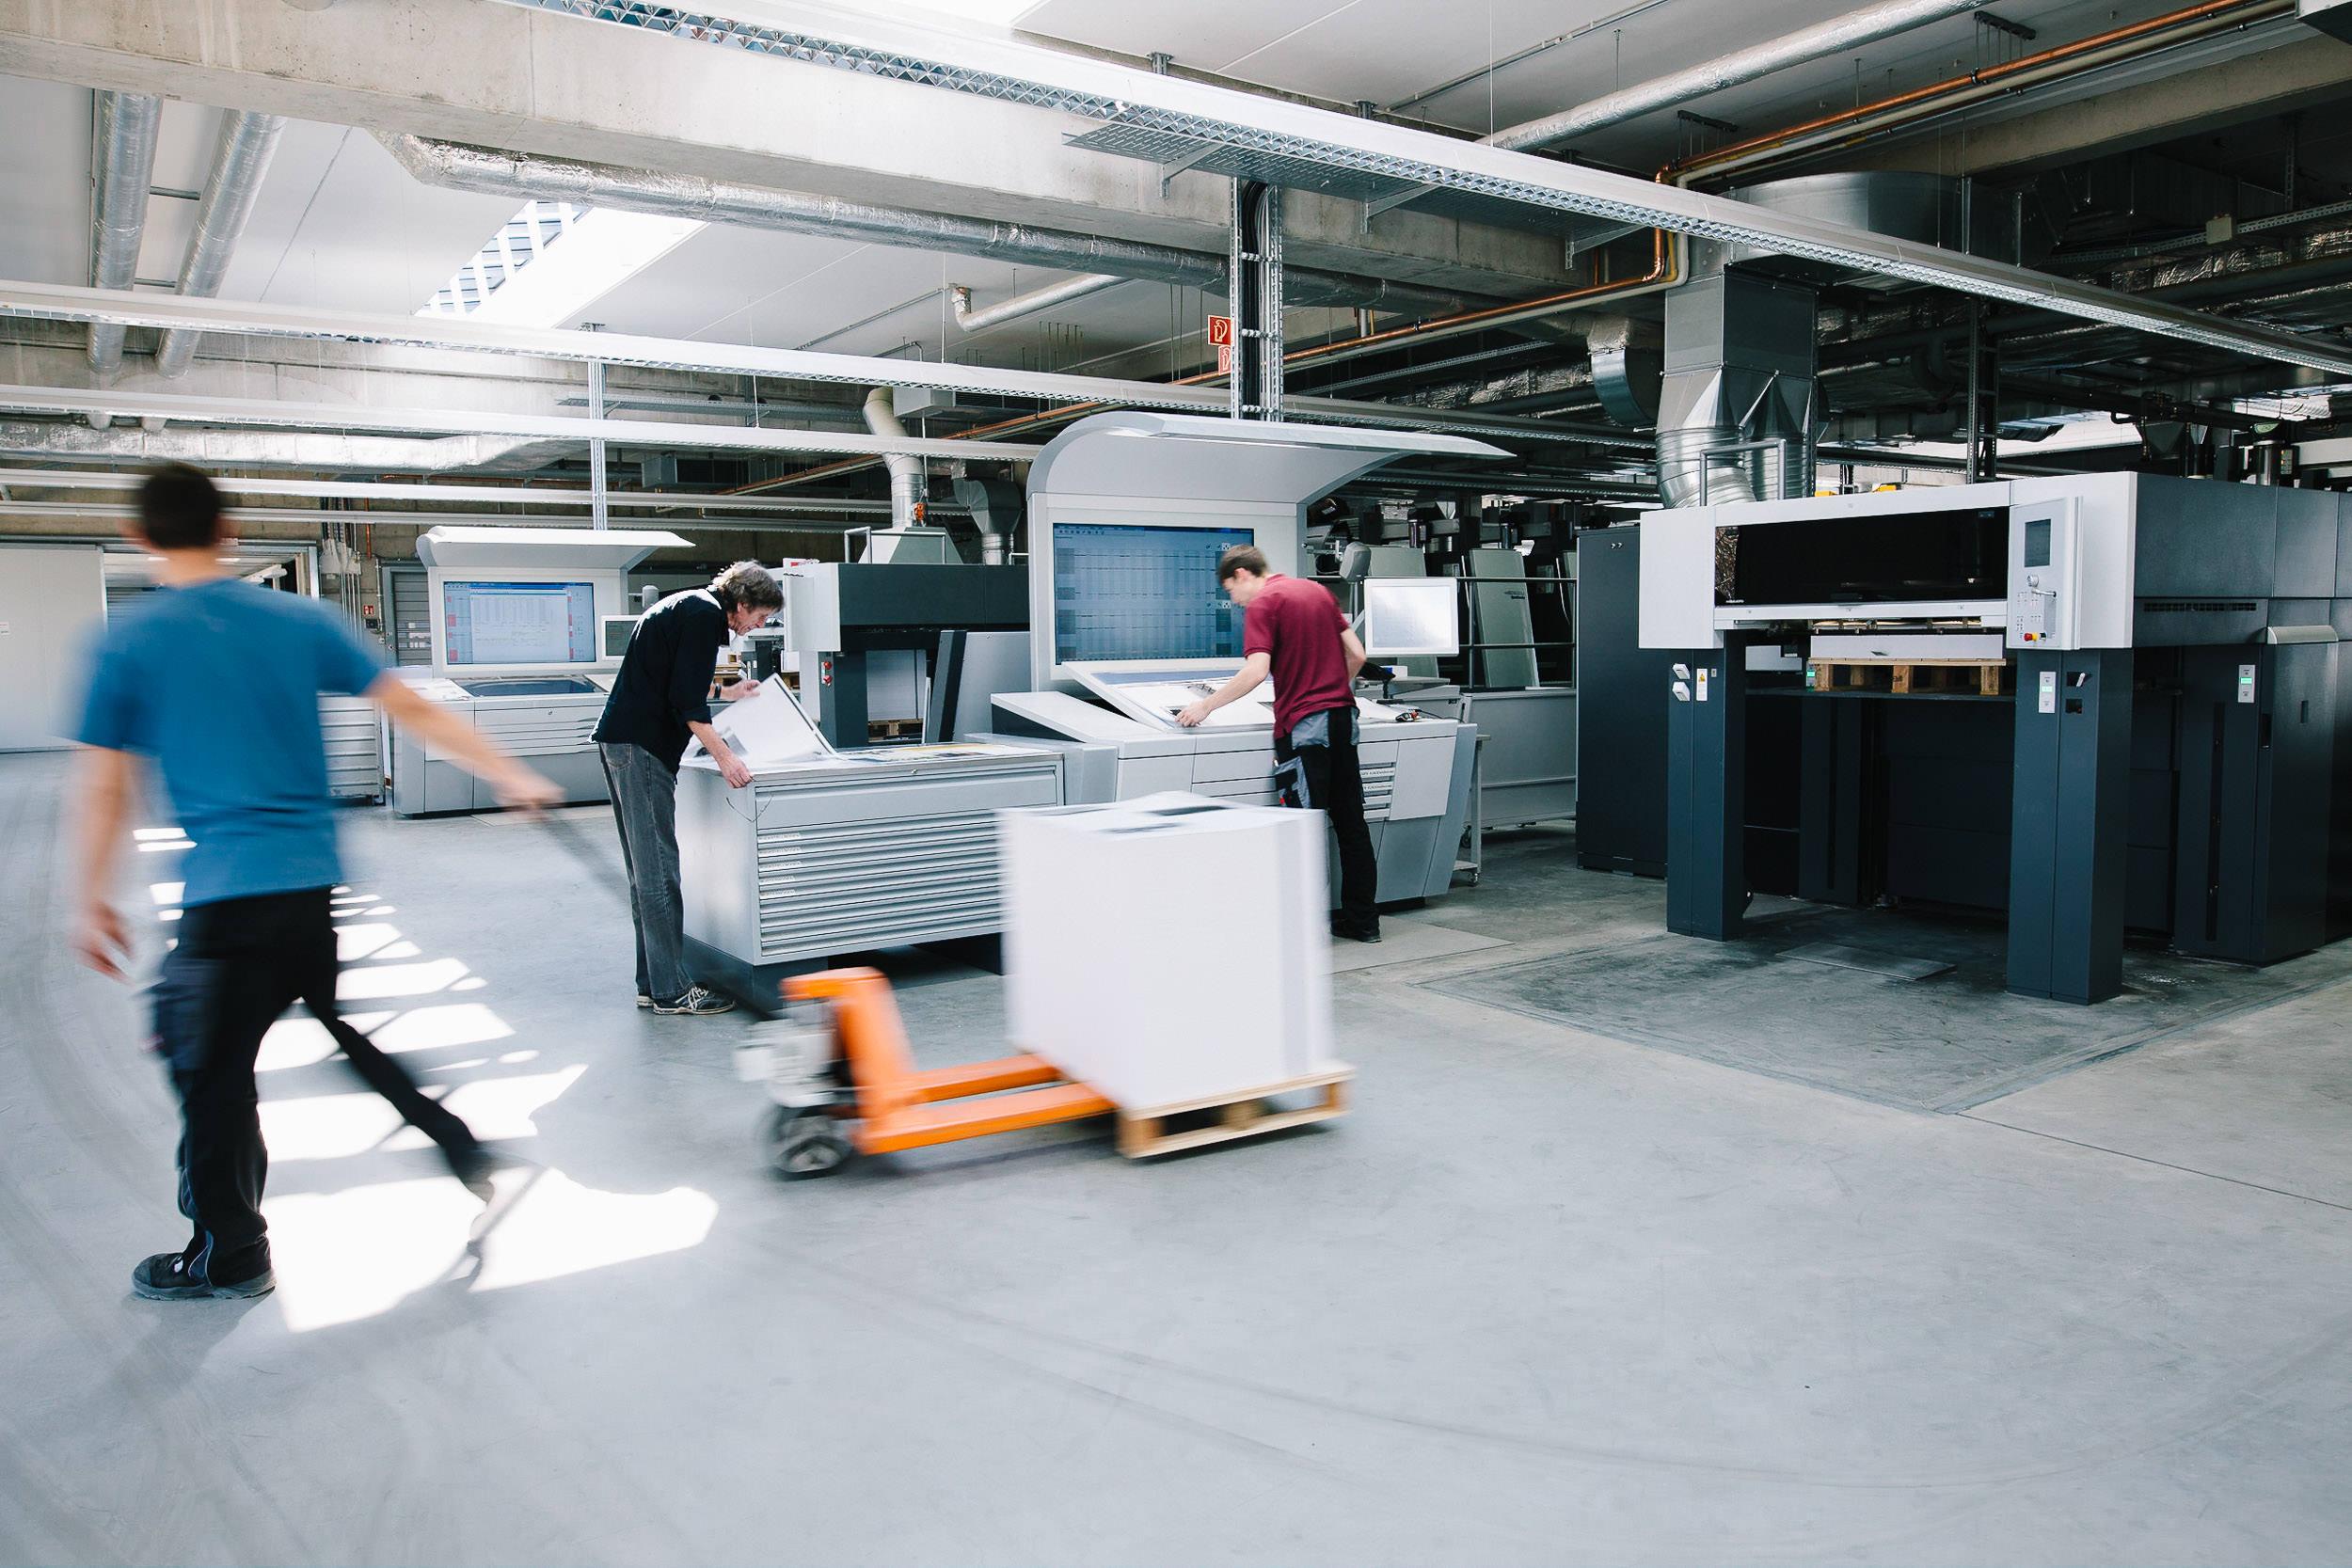 OM_Druck-Mitarbeiter-an-Maschine-170328-142.jpg